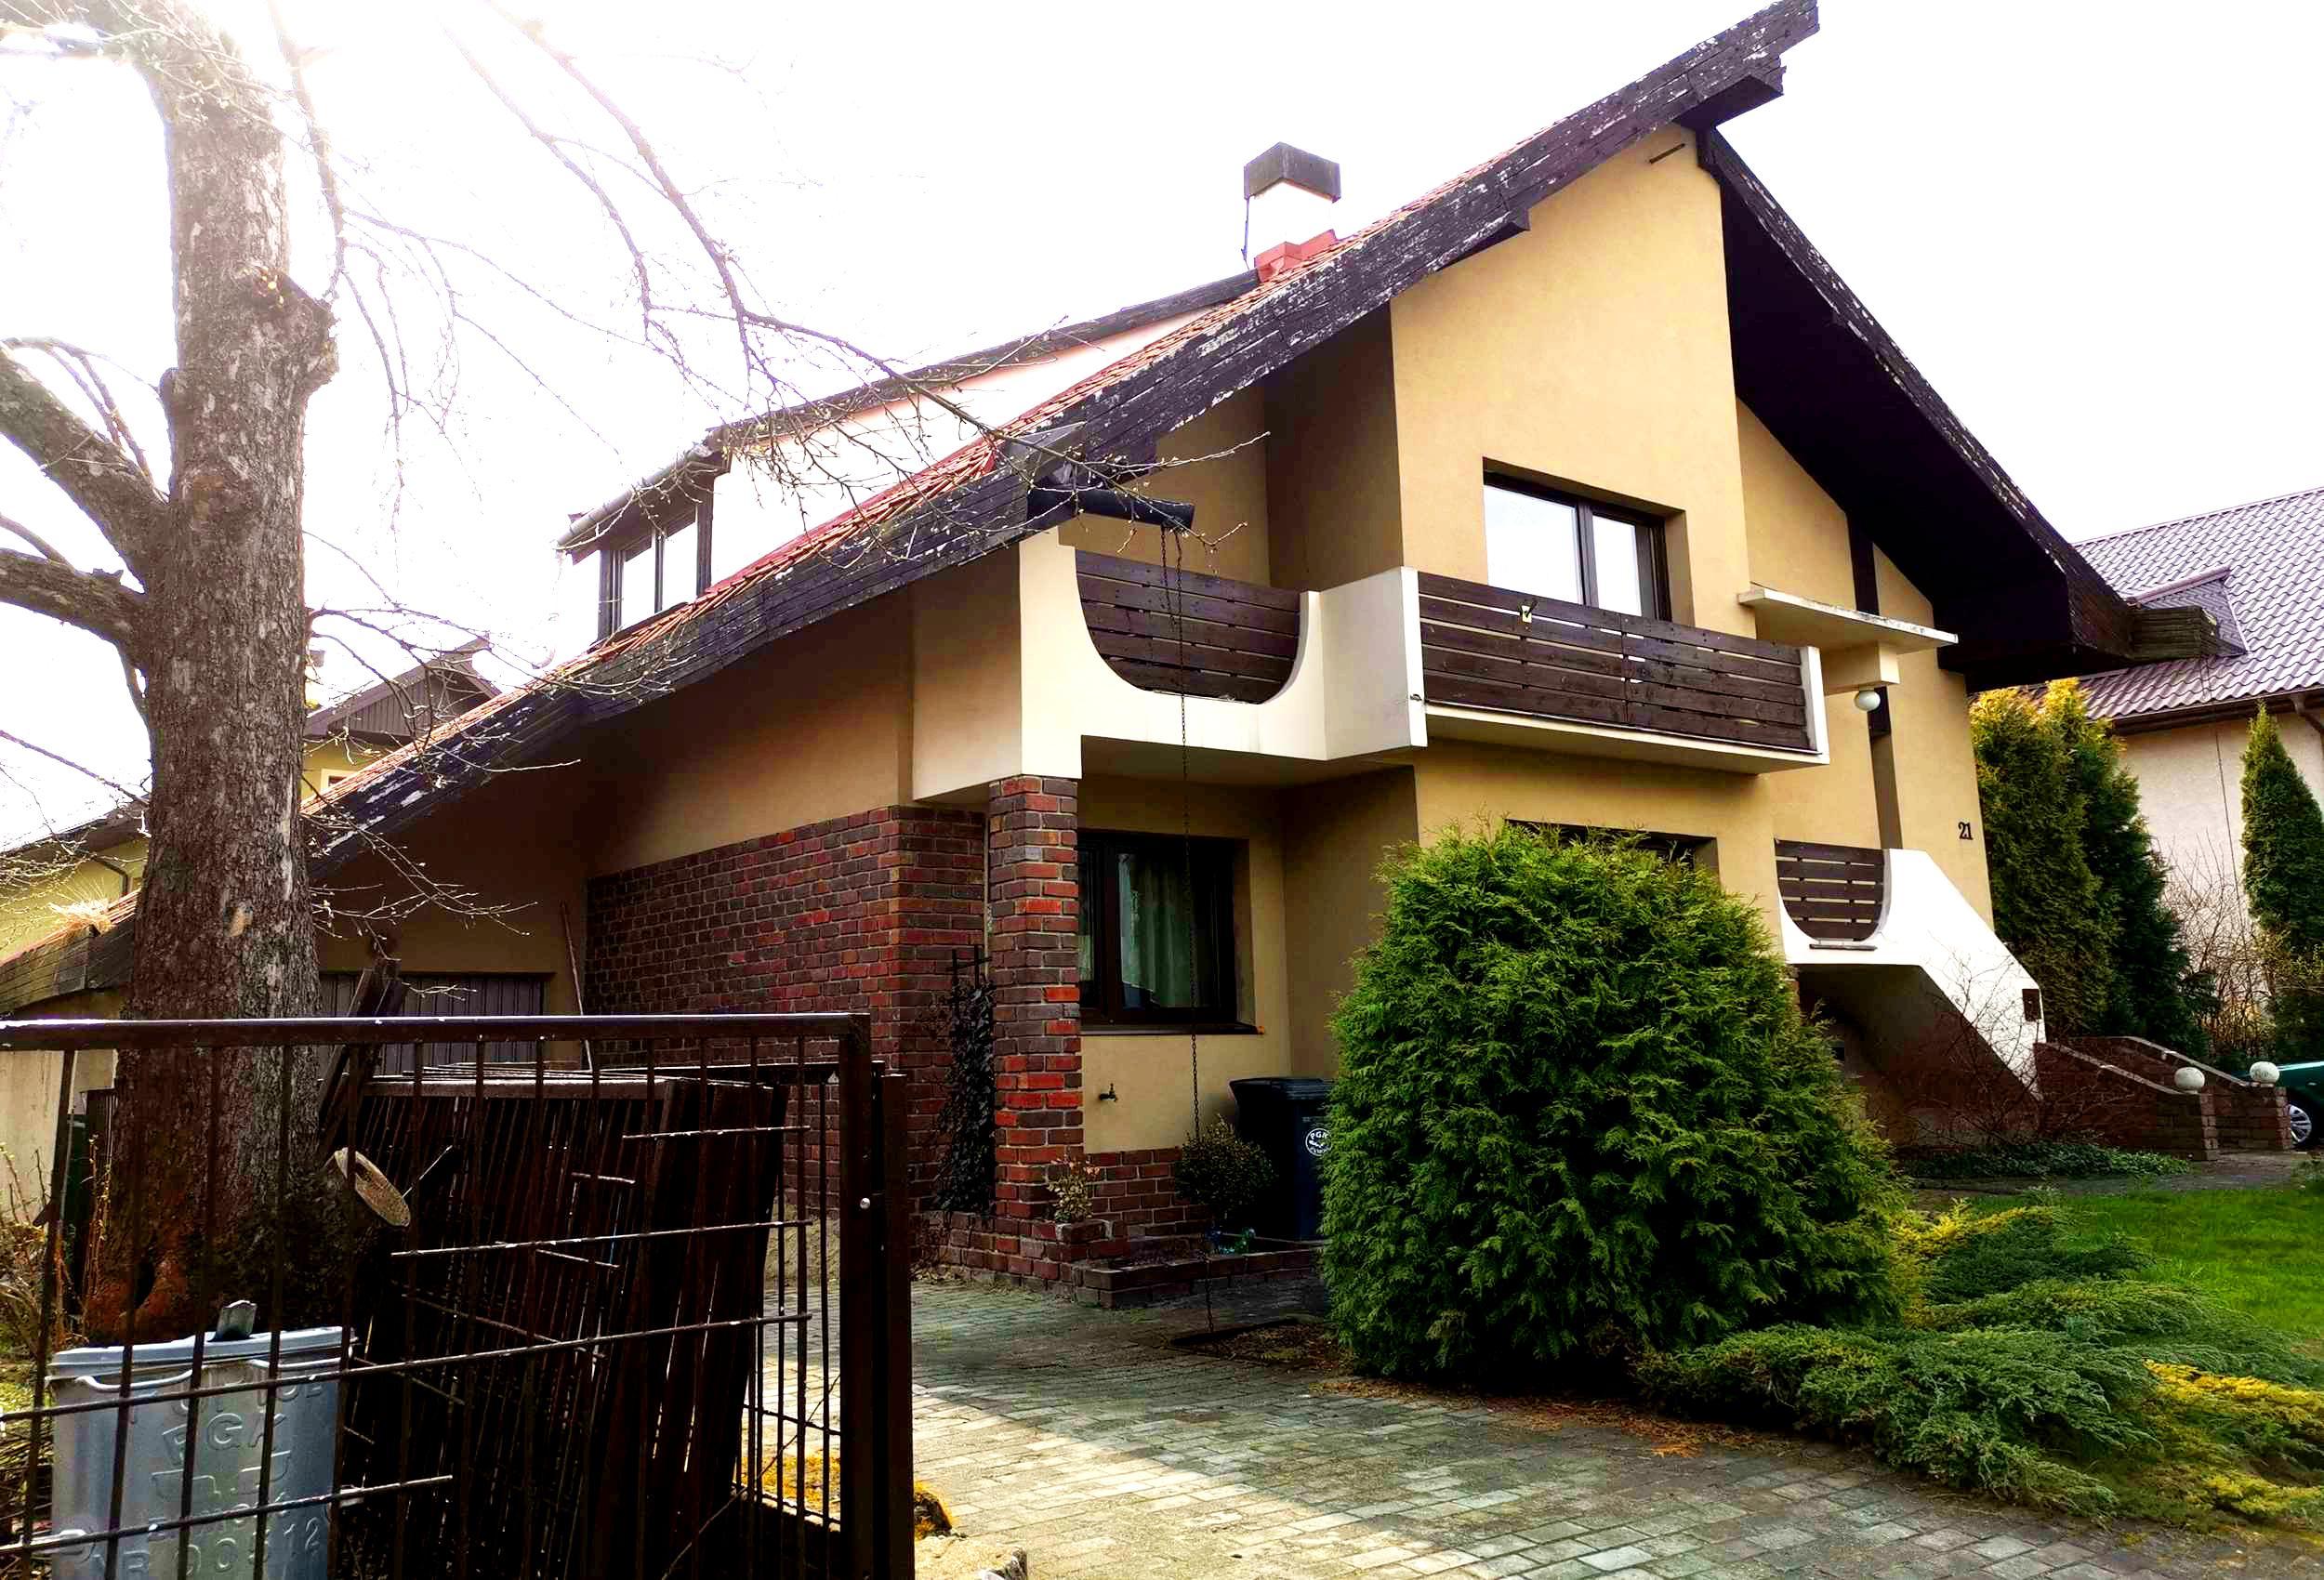 dom zamosc sw piatka - dom na sprzedaż - Krzysztof Górski Nieruchomości Zamość